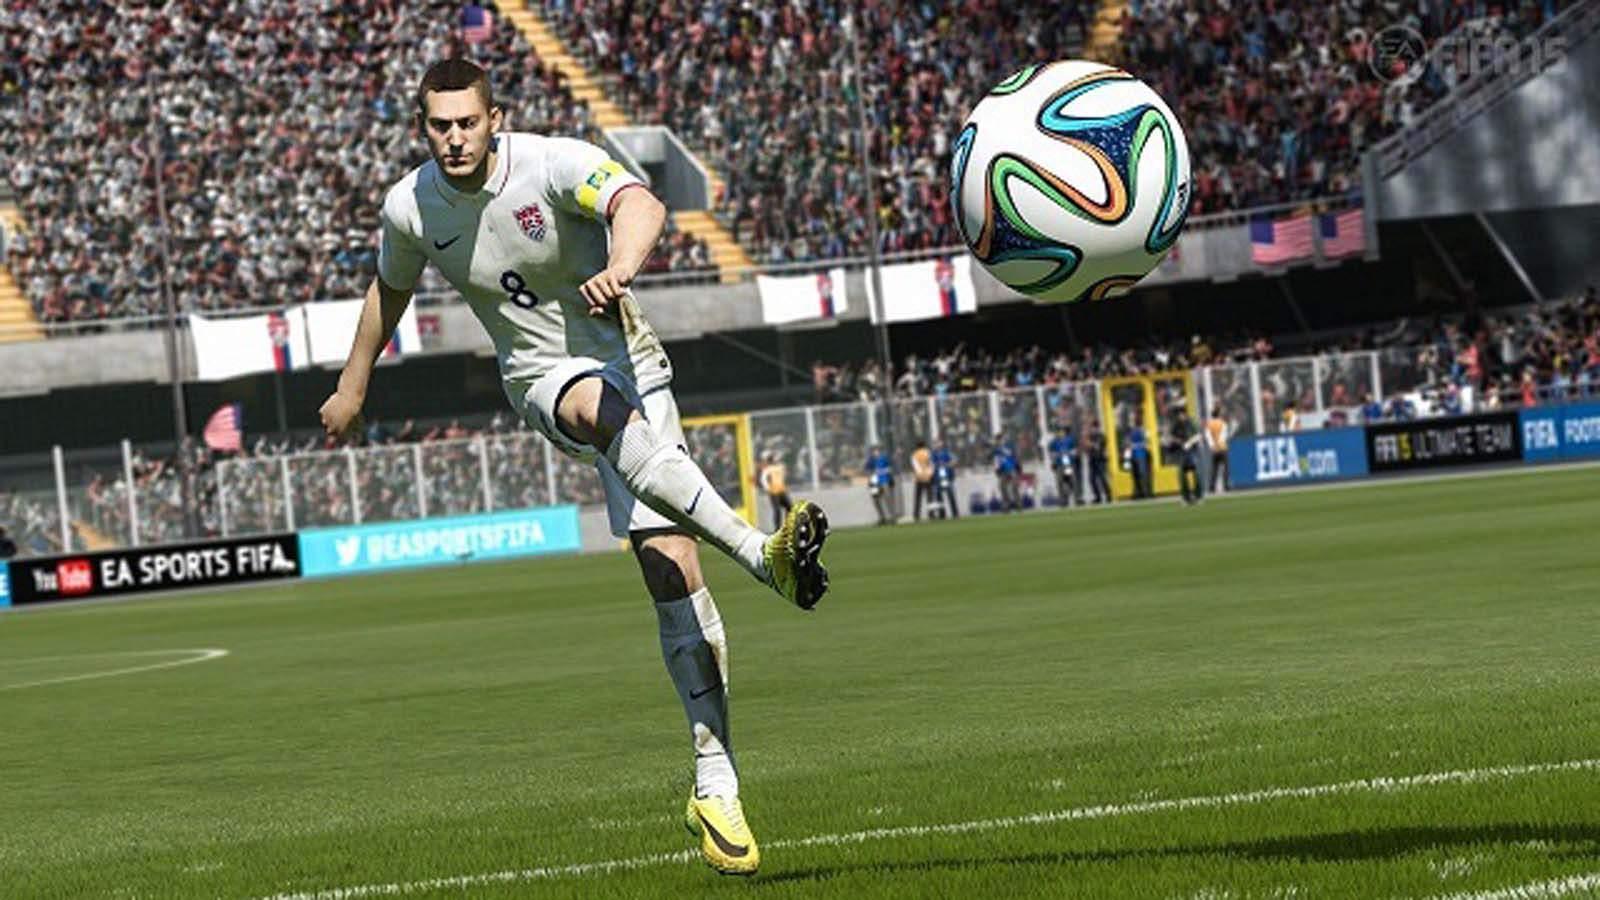 تحميل لعبة FIFA 2016 مضغوطة كاملة بروابط مباشرة مجانا